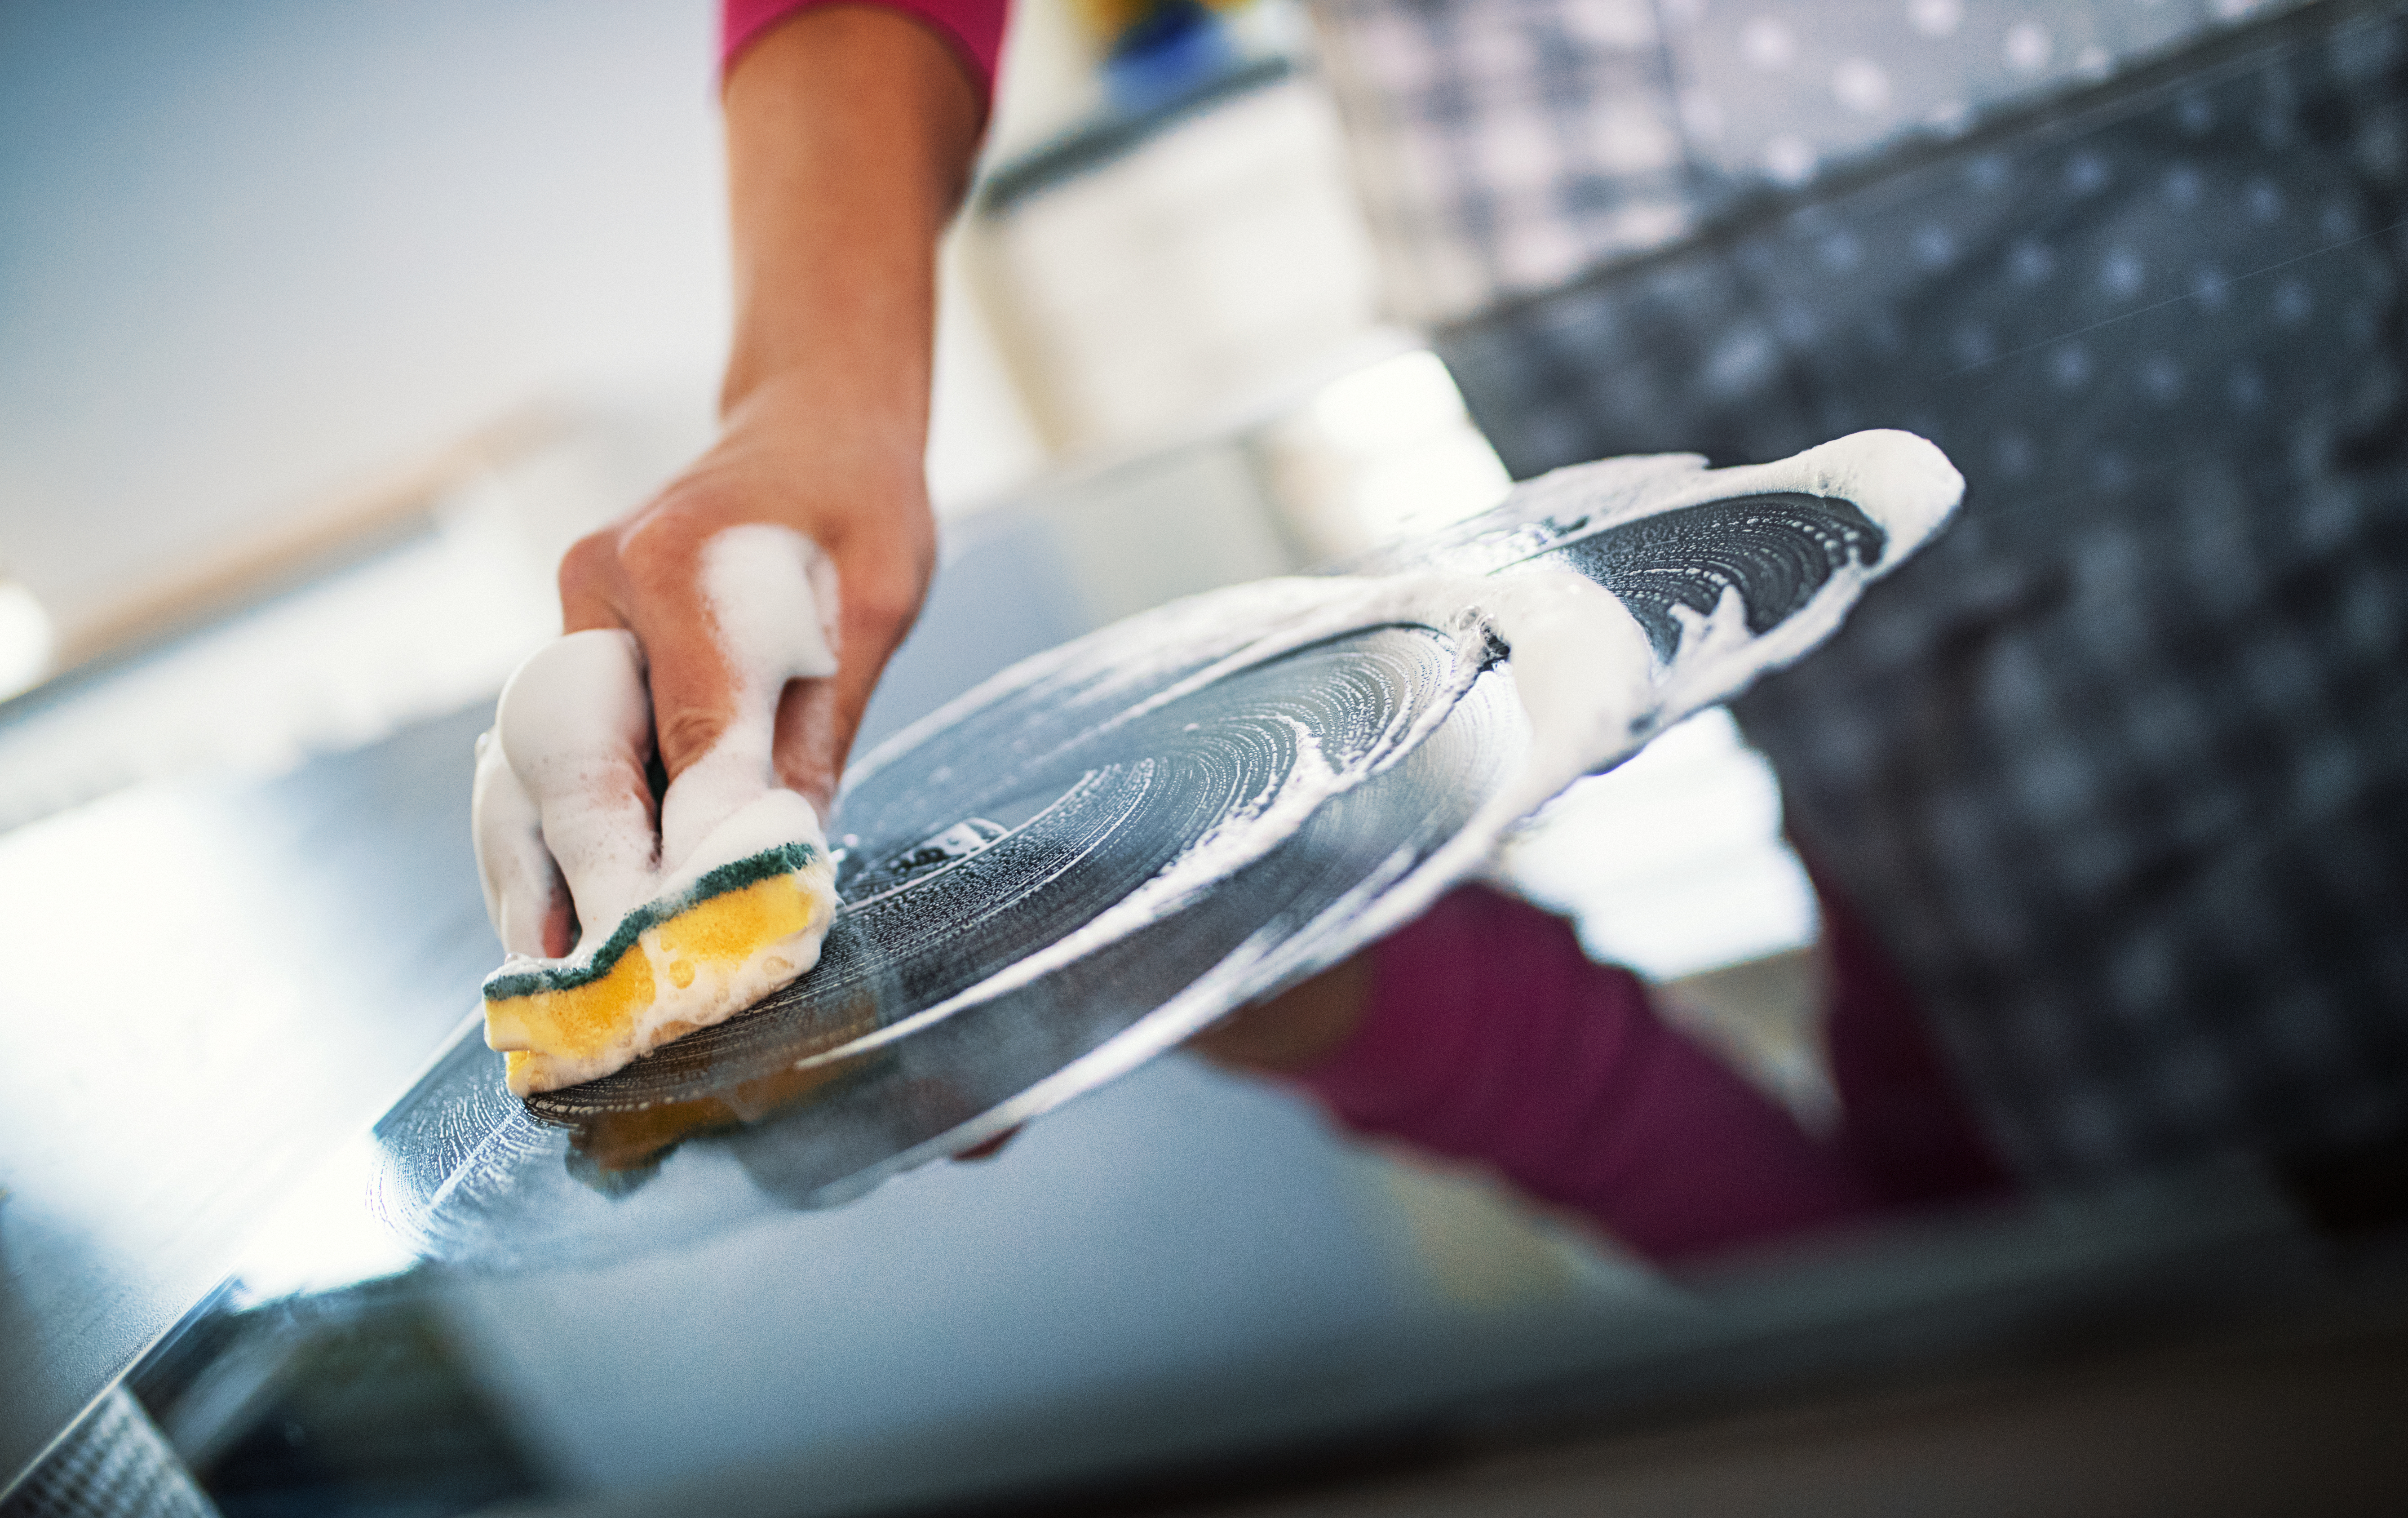 Плотът.<br /> Кухненският плот е мястото където се приготвя голяма част от храната, която се яде вкъщи. Точно поради тази причина той трябва да е най-чист. Забърсване с мокра гъба или суха салфетка изобщо не е достатъчно. След всяко приготвяне на храна на кухненския плот трябва да го пръскате с дезинфектант и да го почиствате.